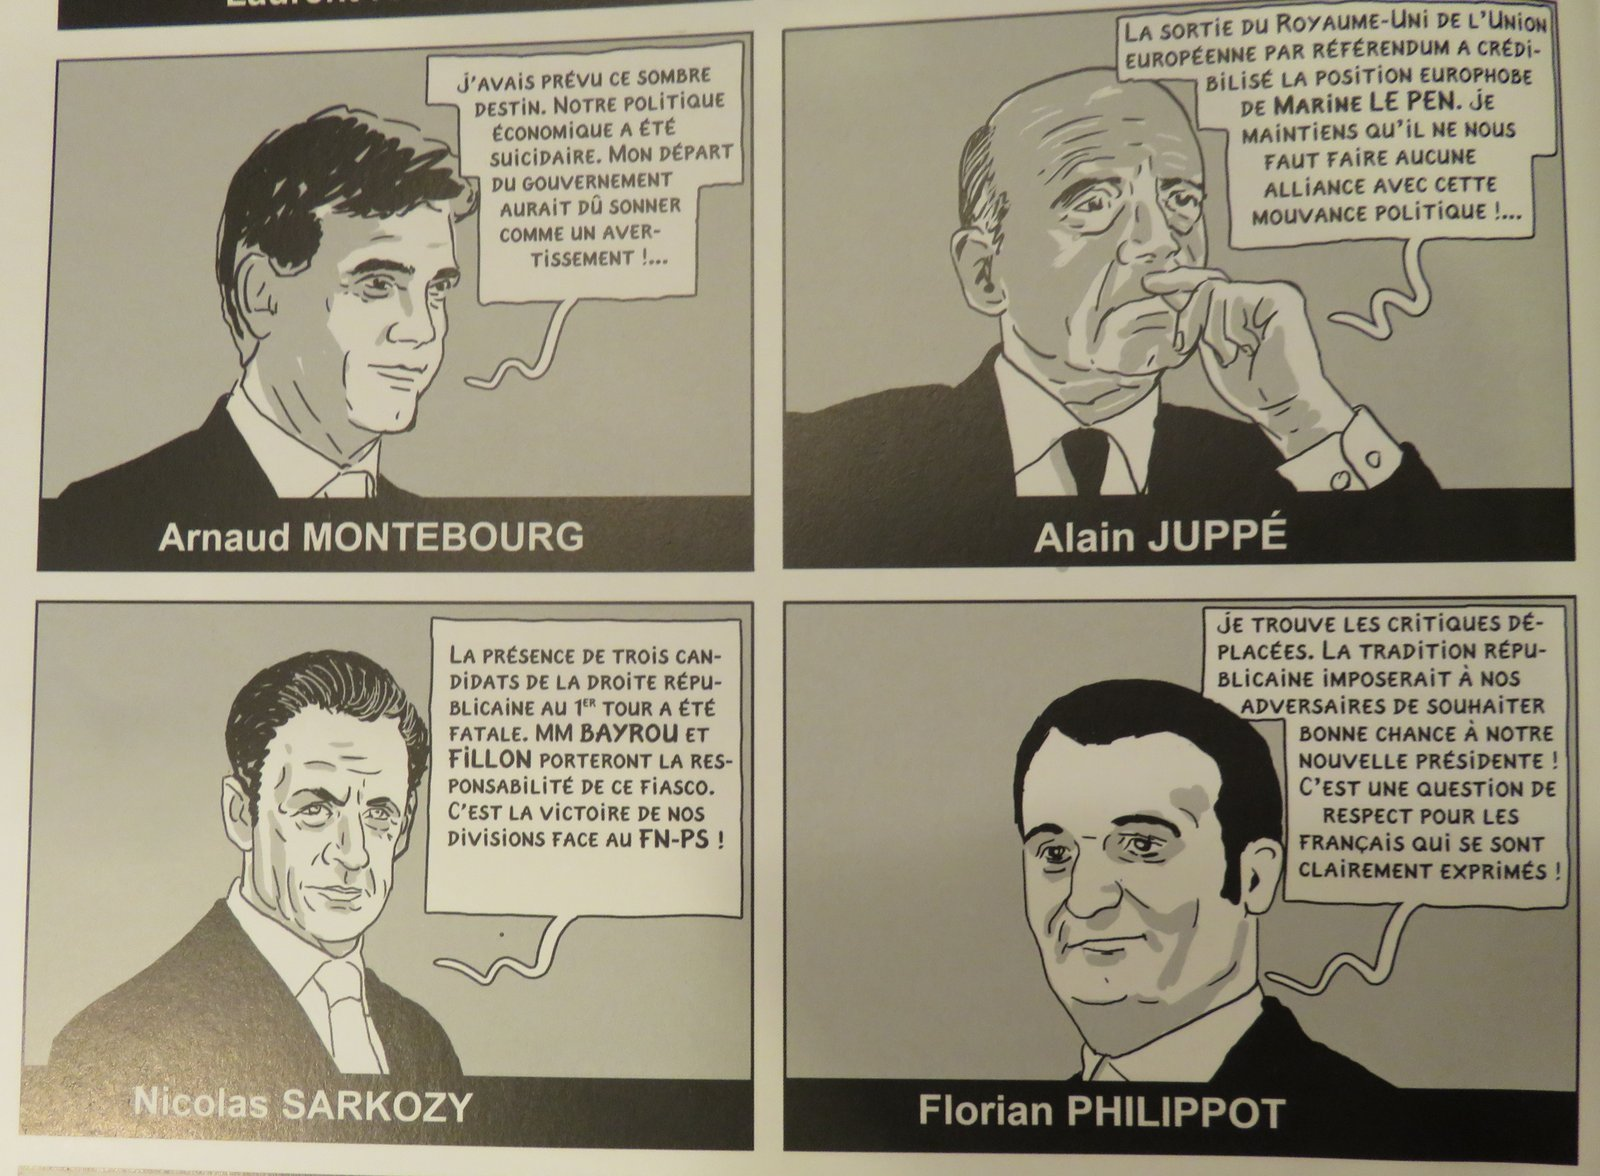 La présidente - Boudjellal - Durpaire - Réactions politiciens